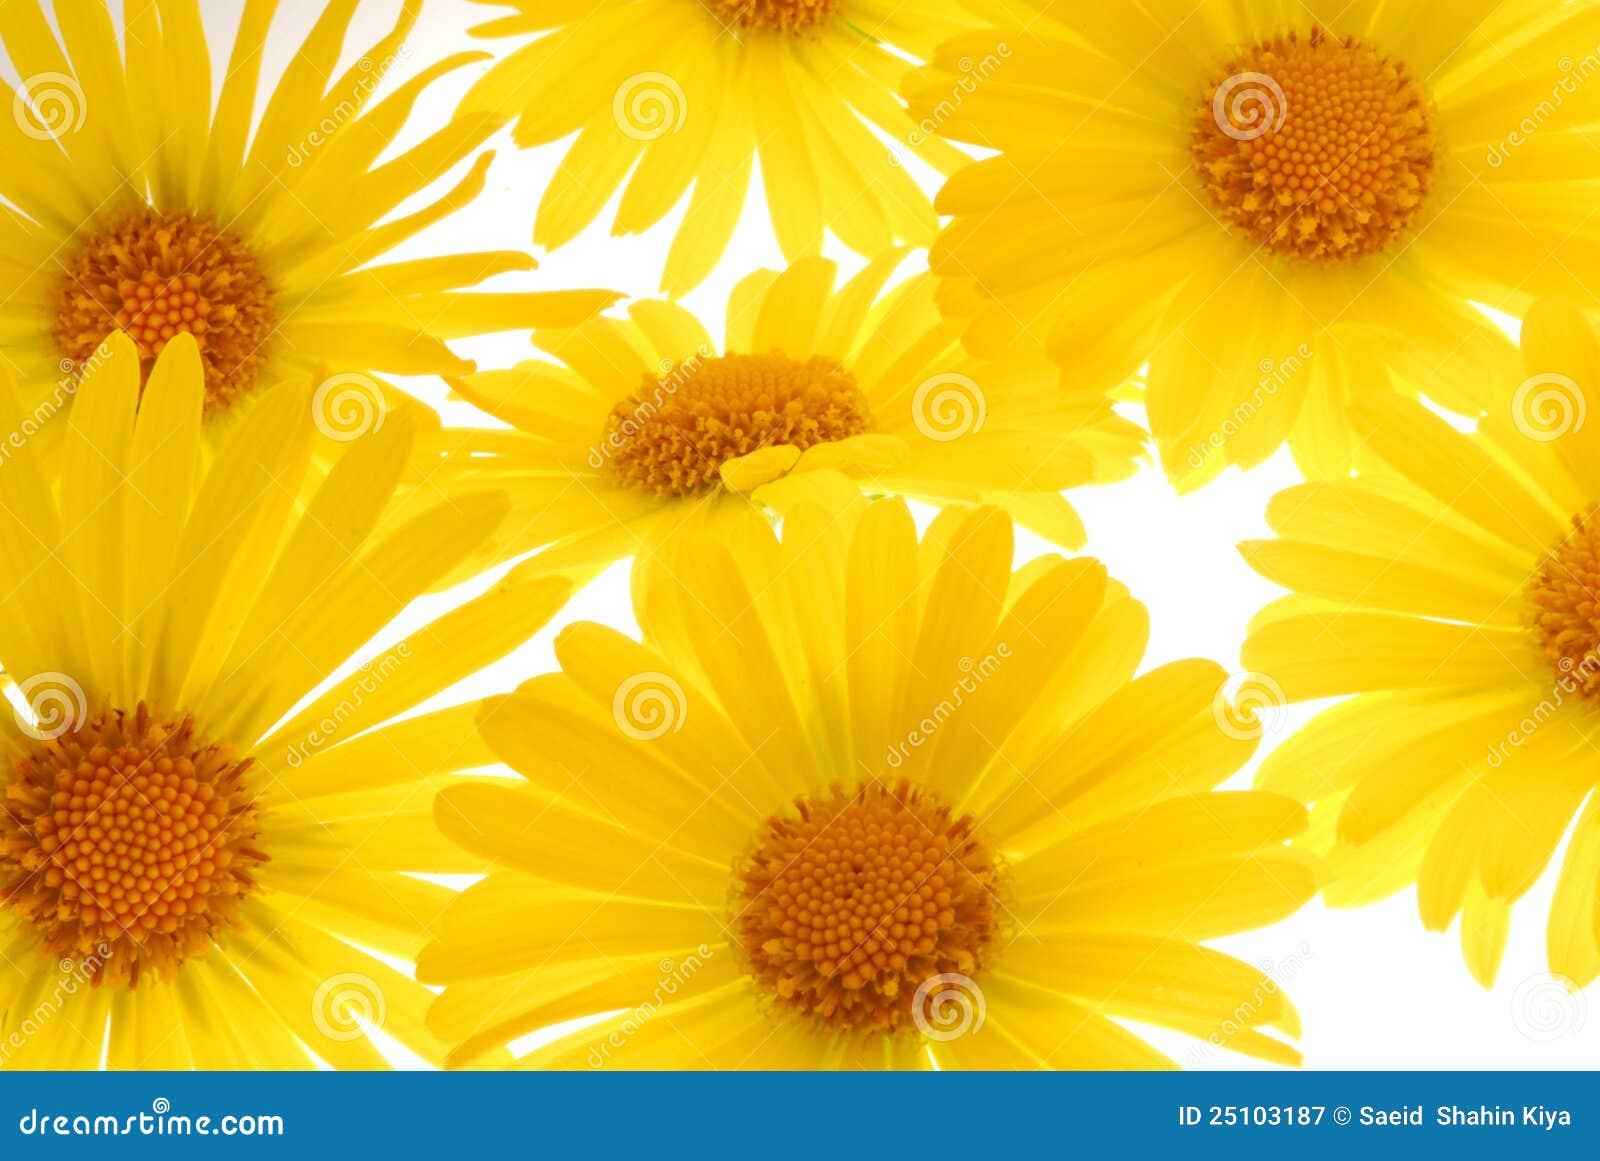 Diasy amarelo